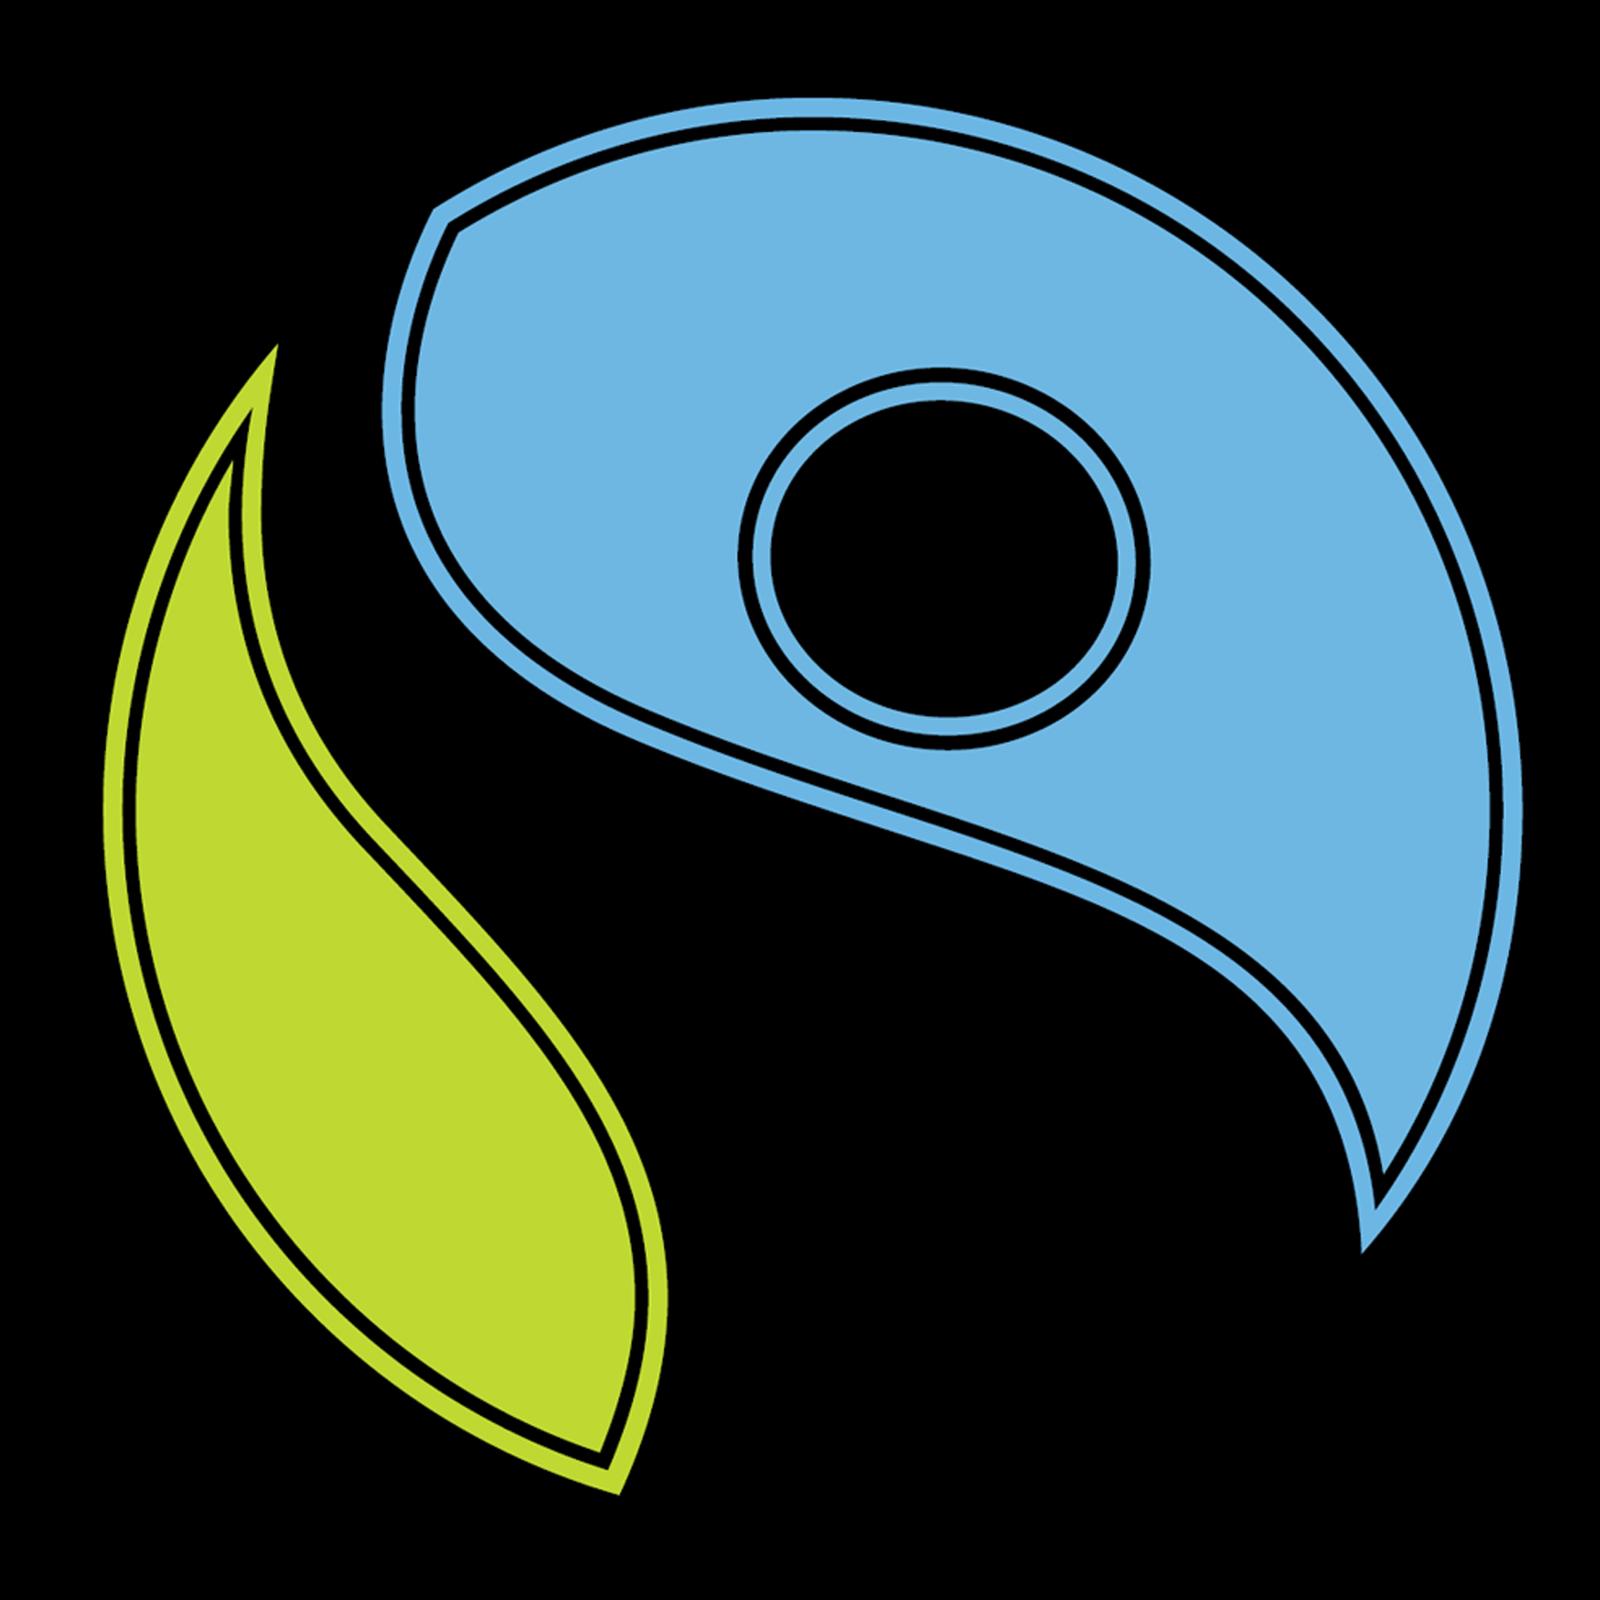 Logo Sprawiedliwy handel Źródło: Fairtrade, Logo Sprawiedliwy handel, licencja: CC 0.